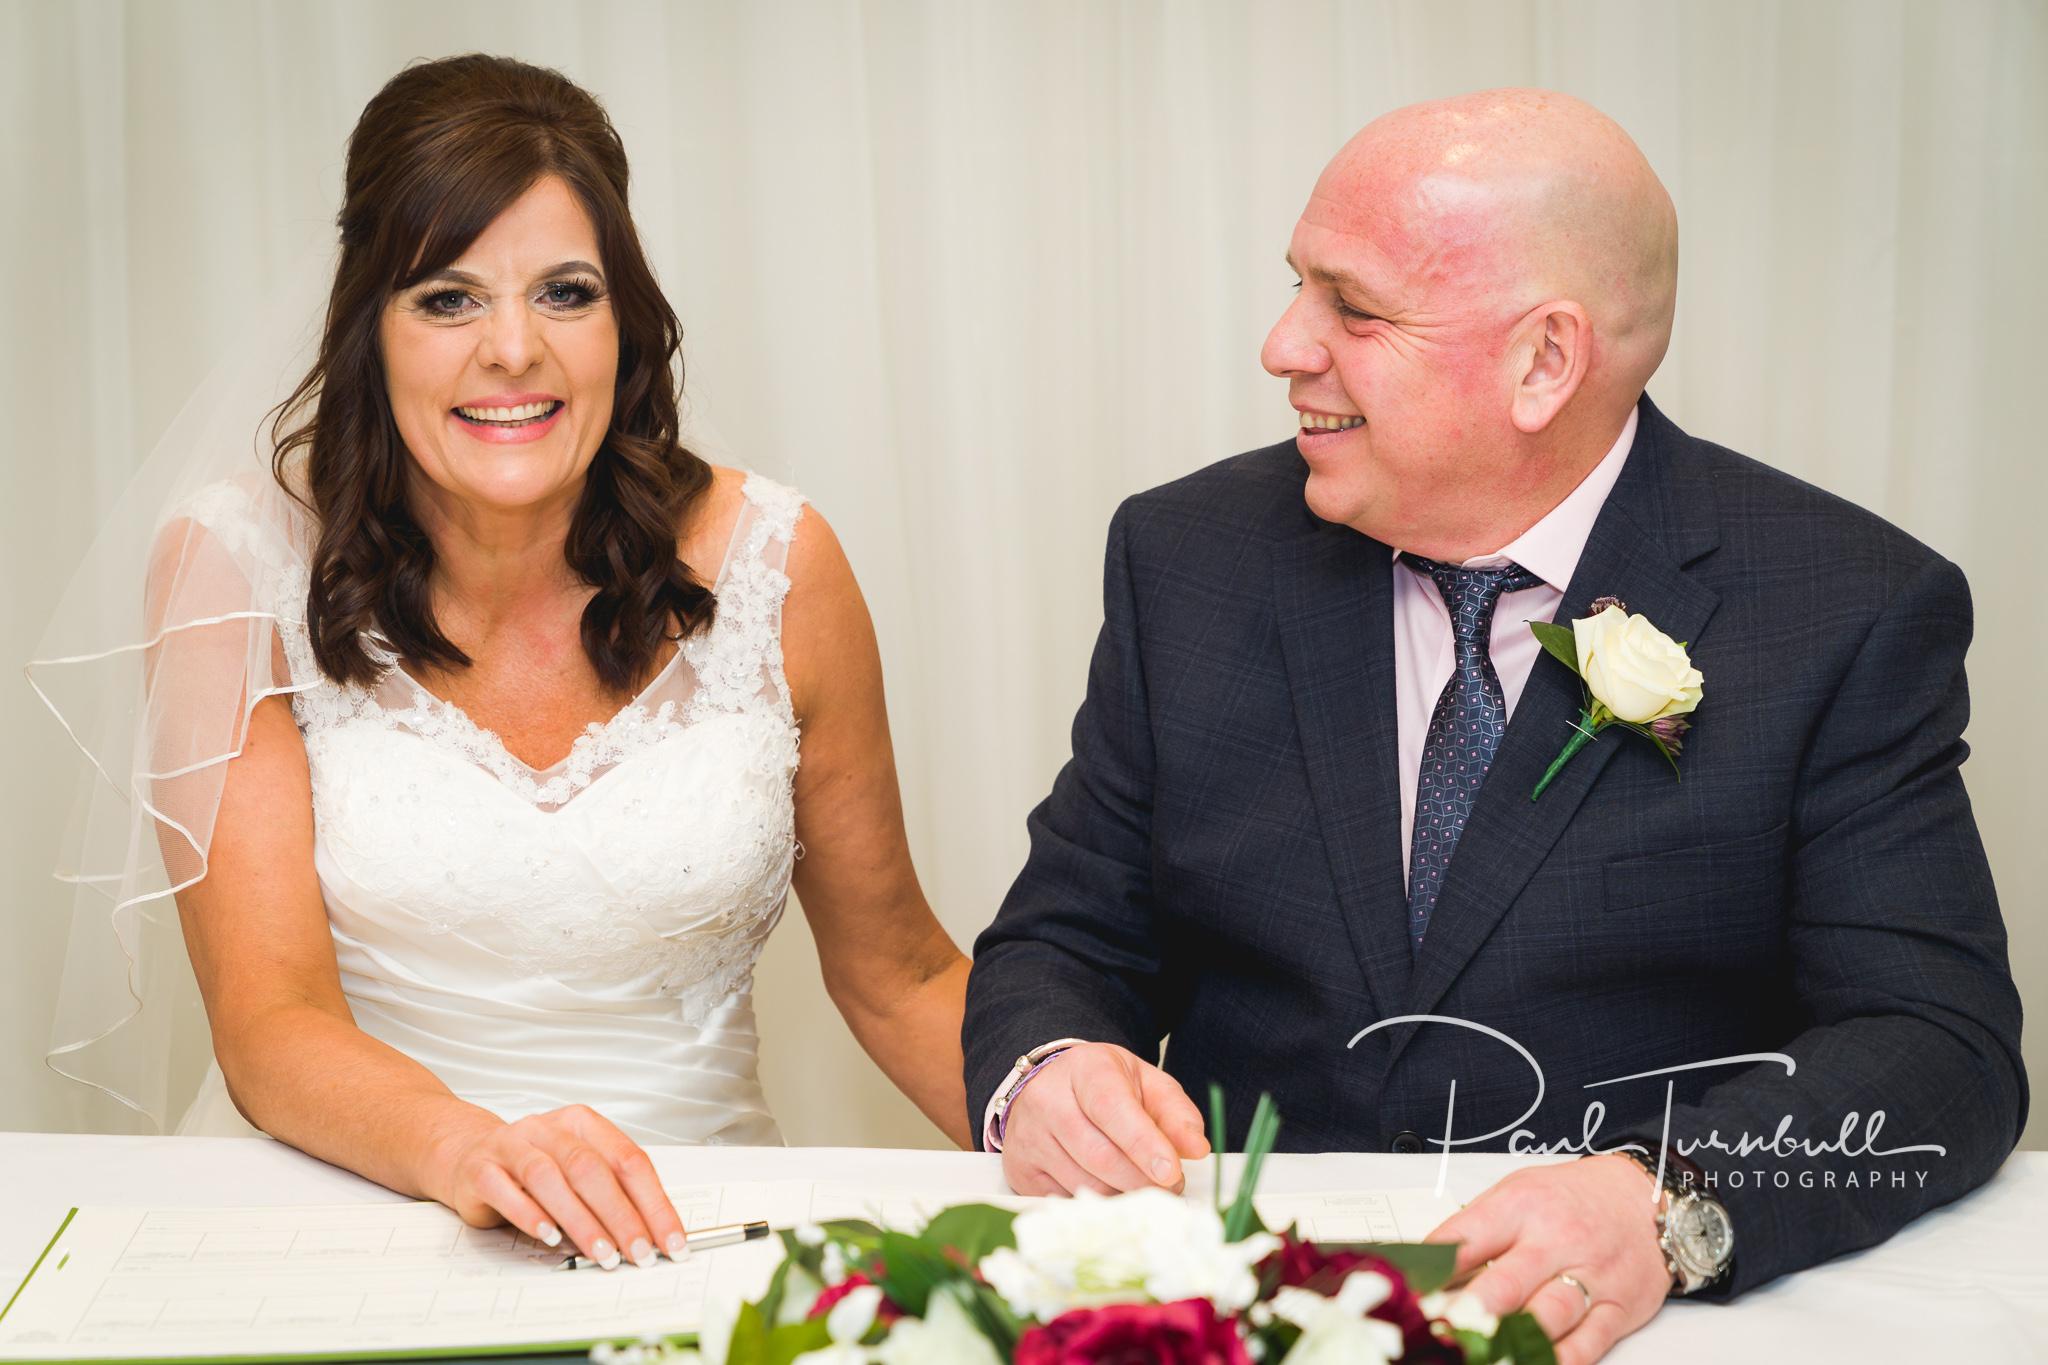 wedding-photographer-leeds-holiday-inn-garforth-035.jpg